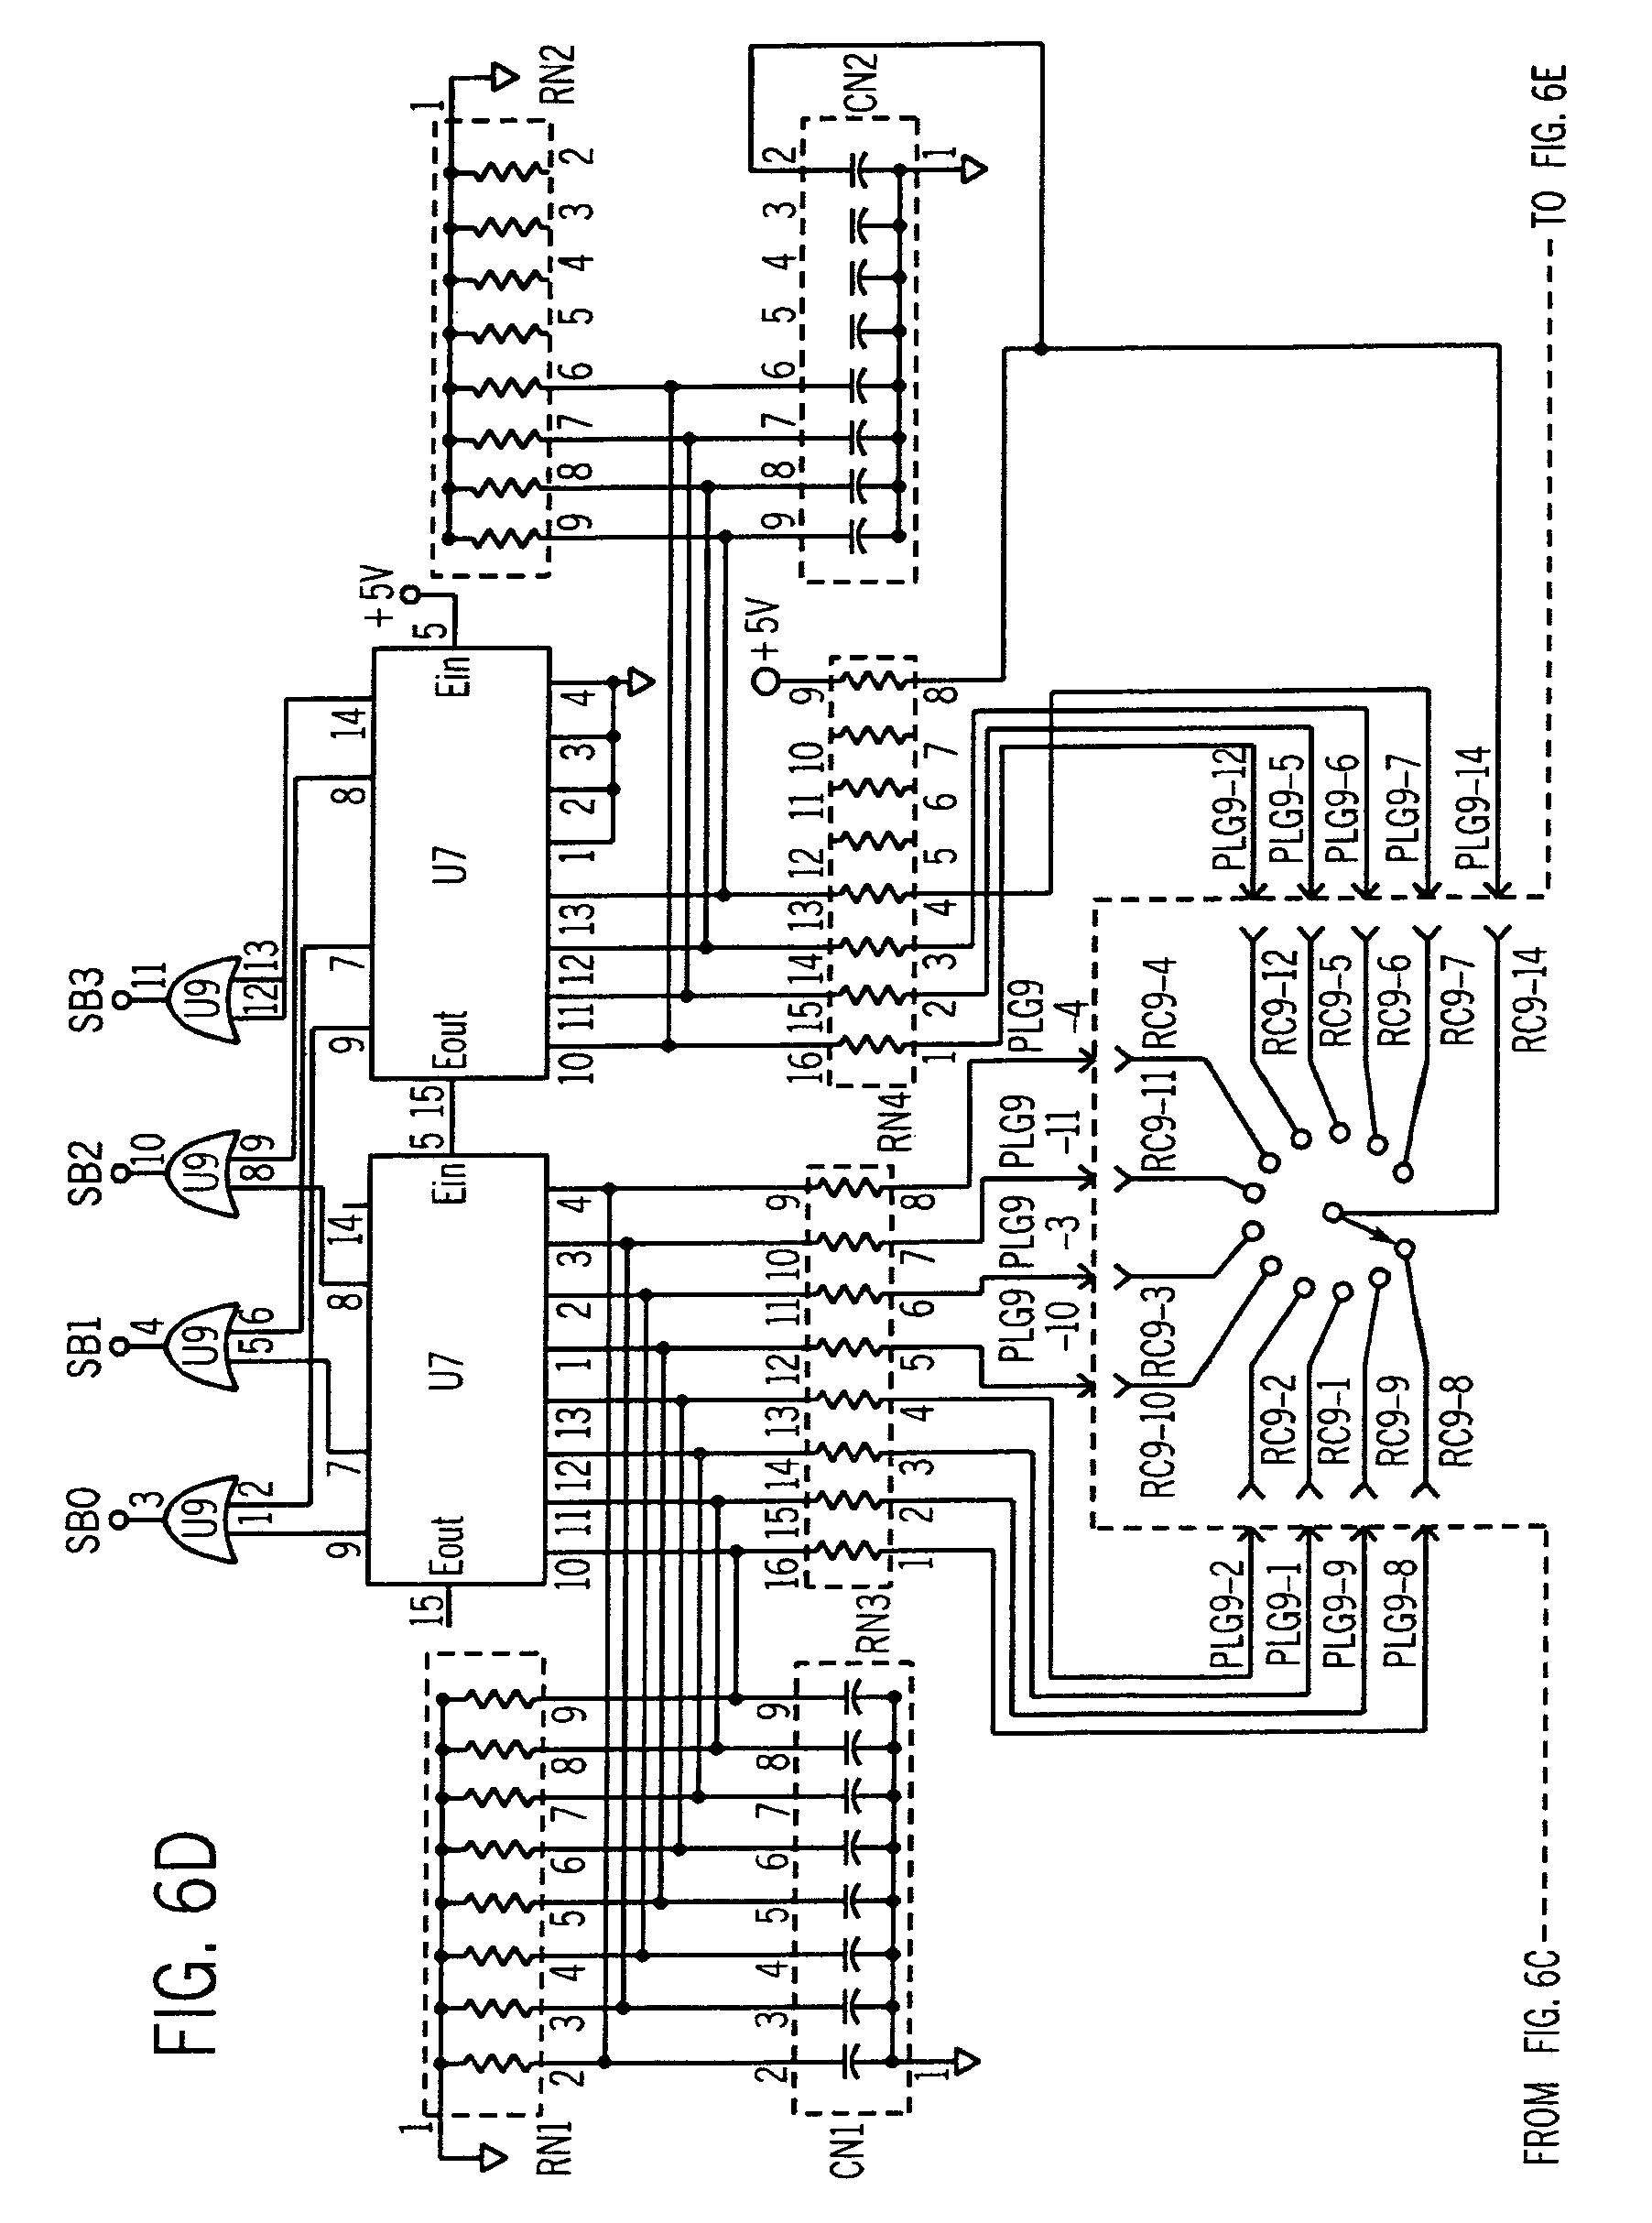 Millermatic Wiring Diagram